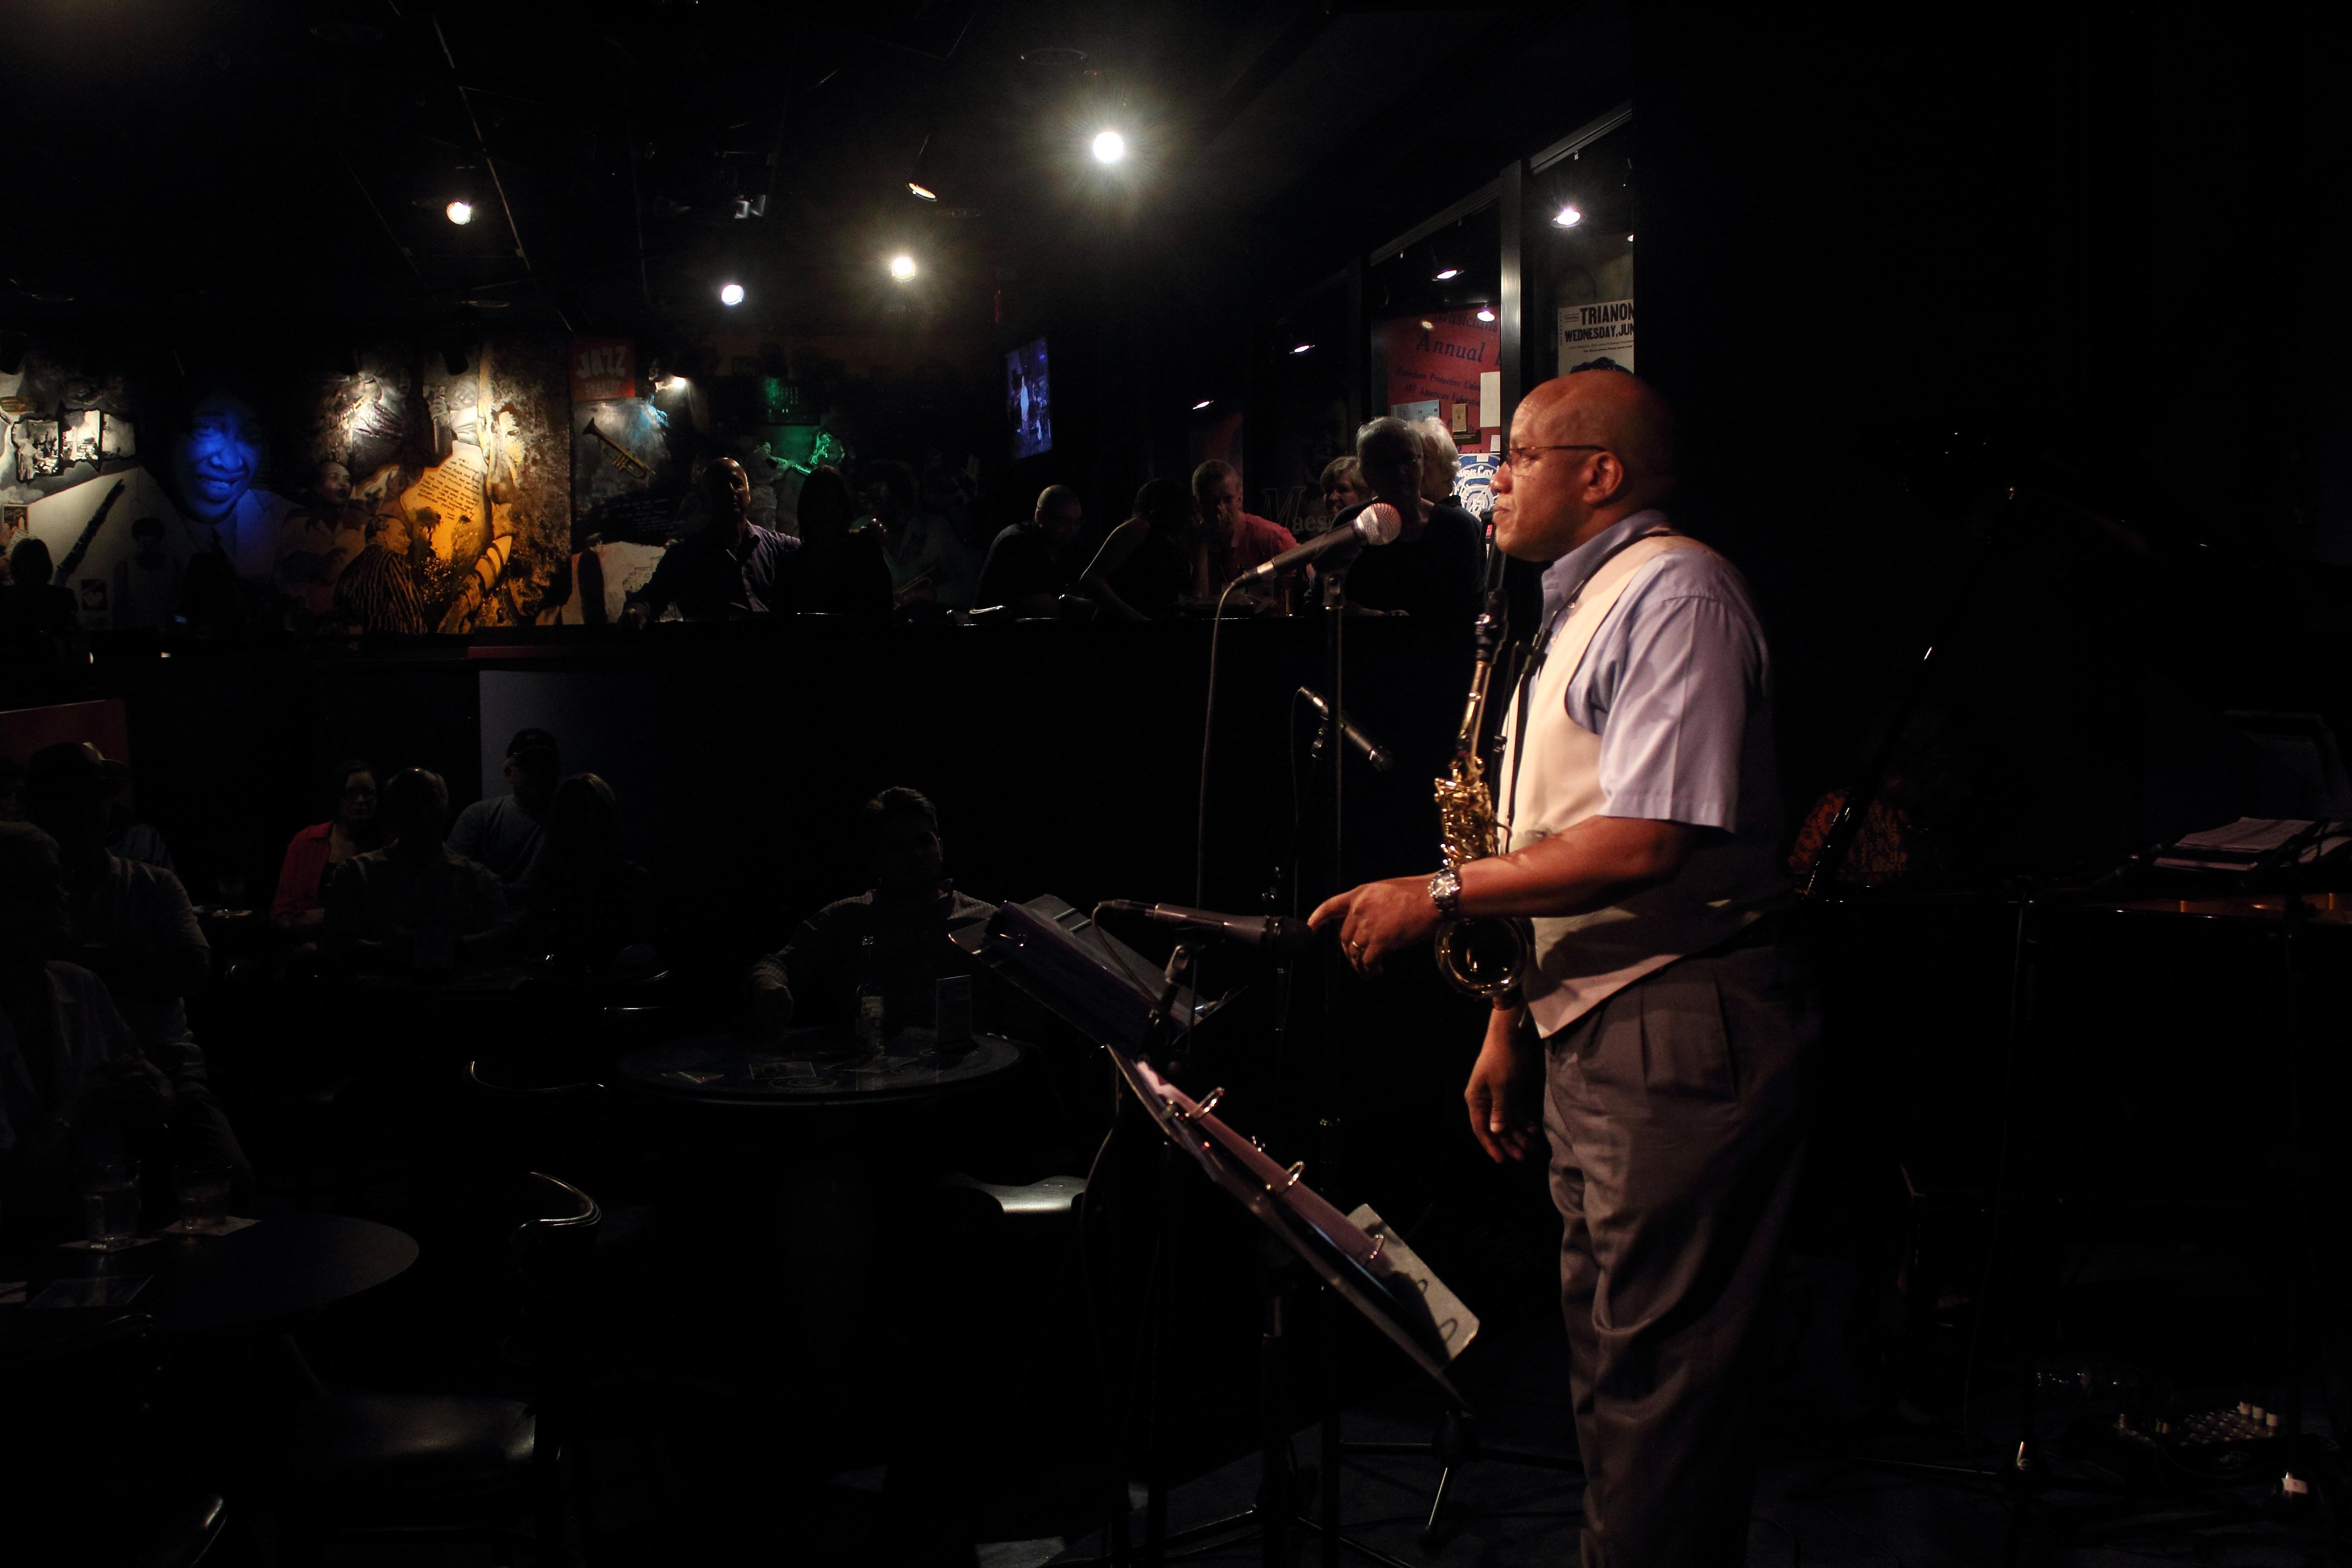 burnett flute studio ndash - photo #36